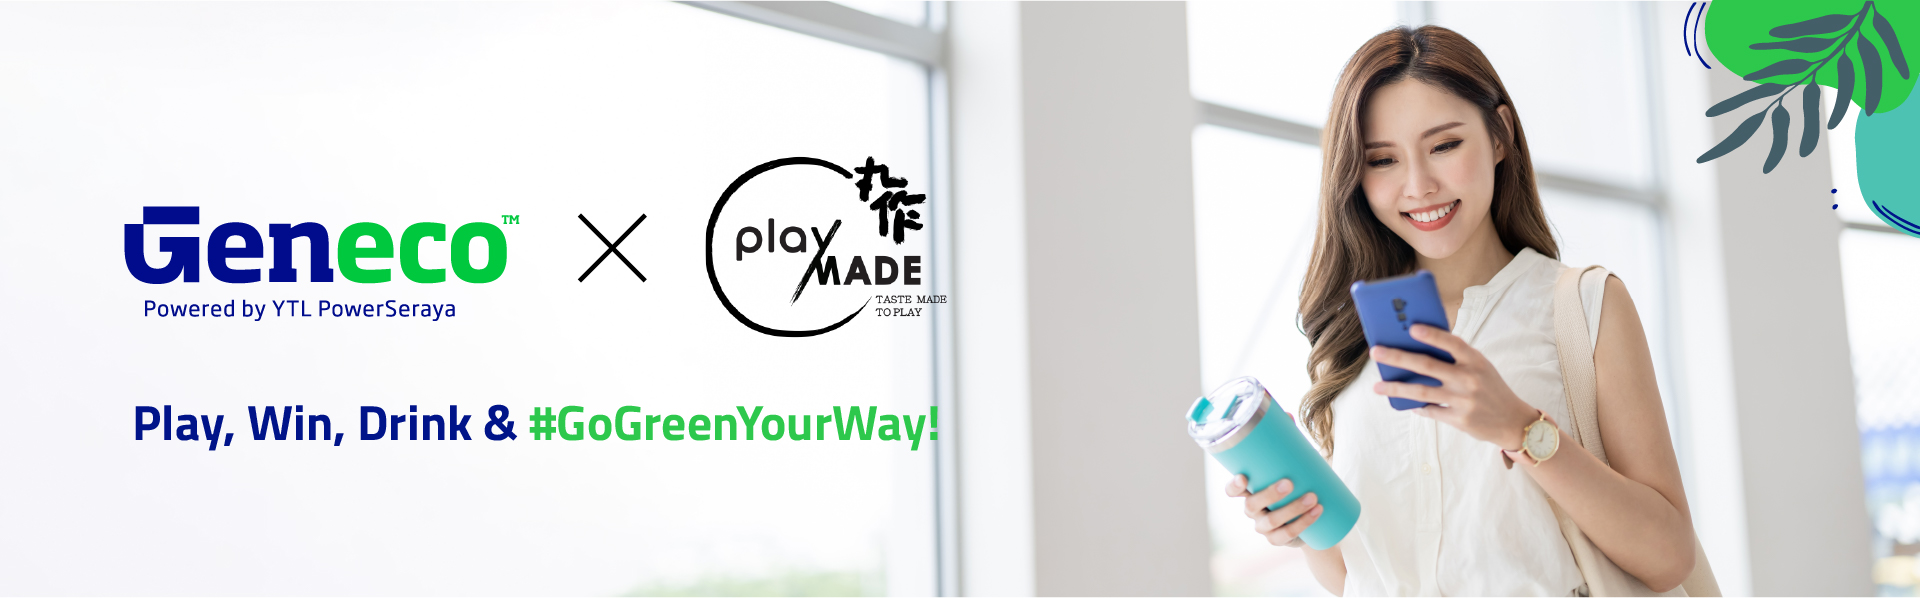 Geneco X PlayMade